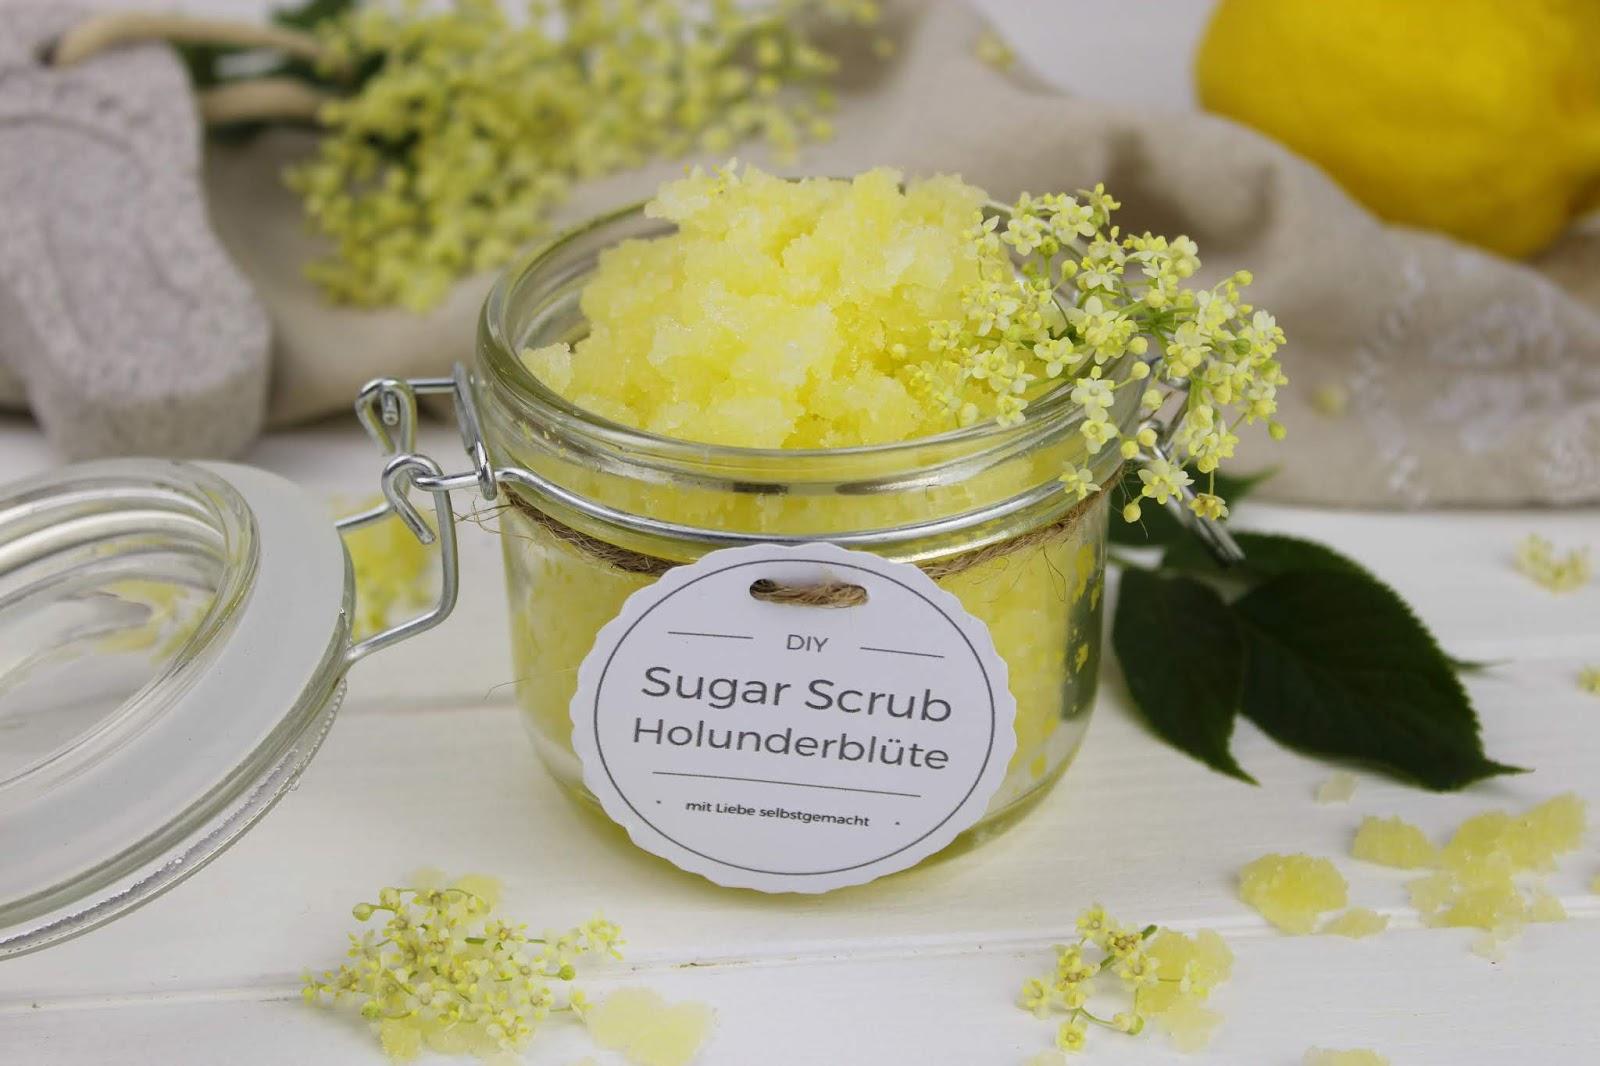 DIY - Holunderblüten Zitronen Sugar Scrub schnell und einfach selber machen